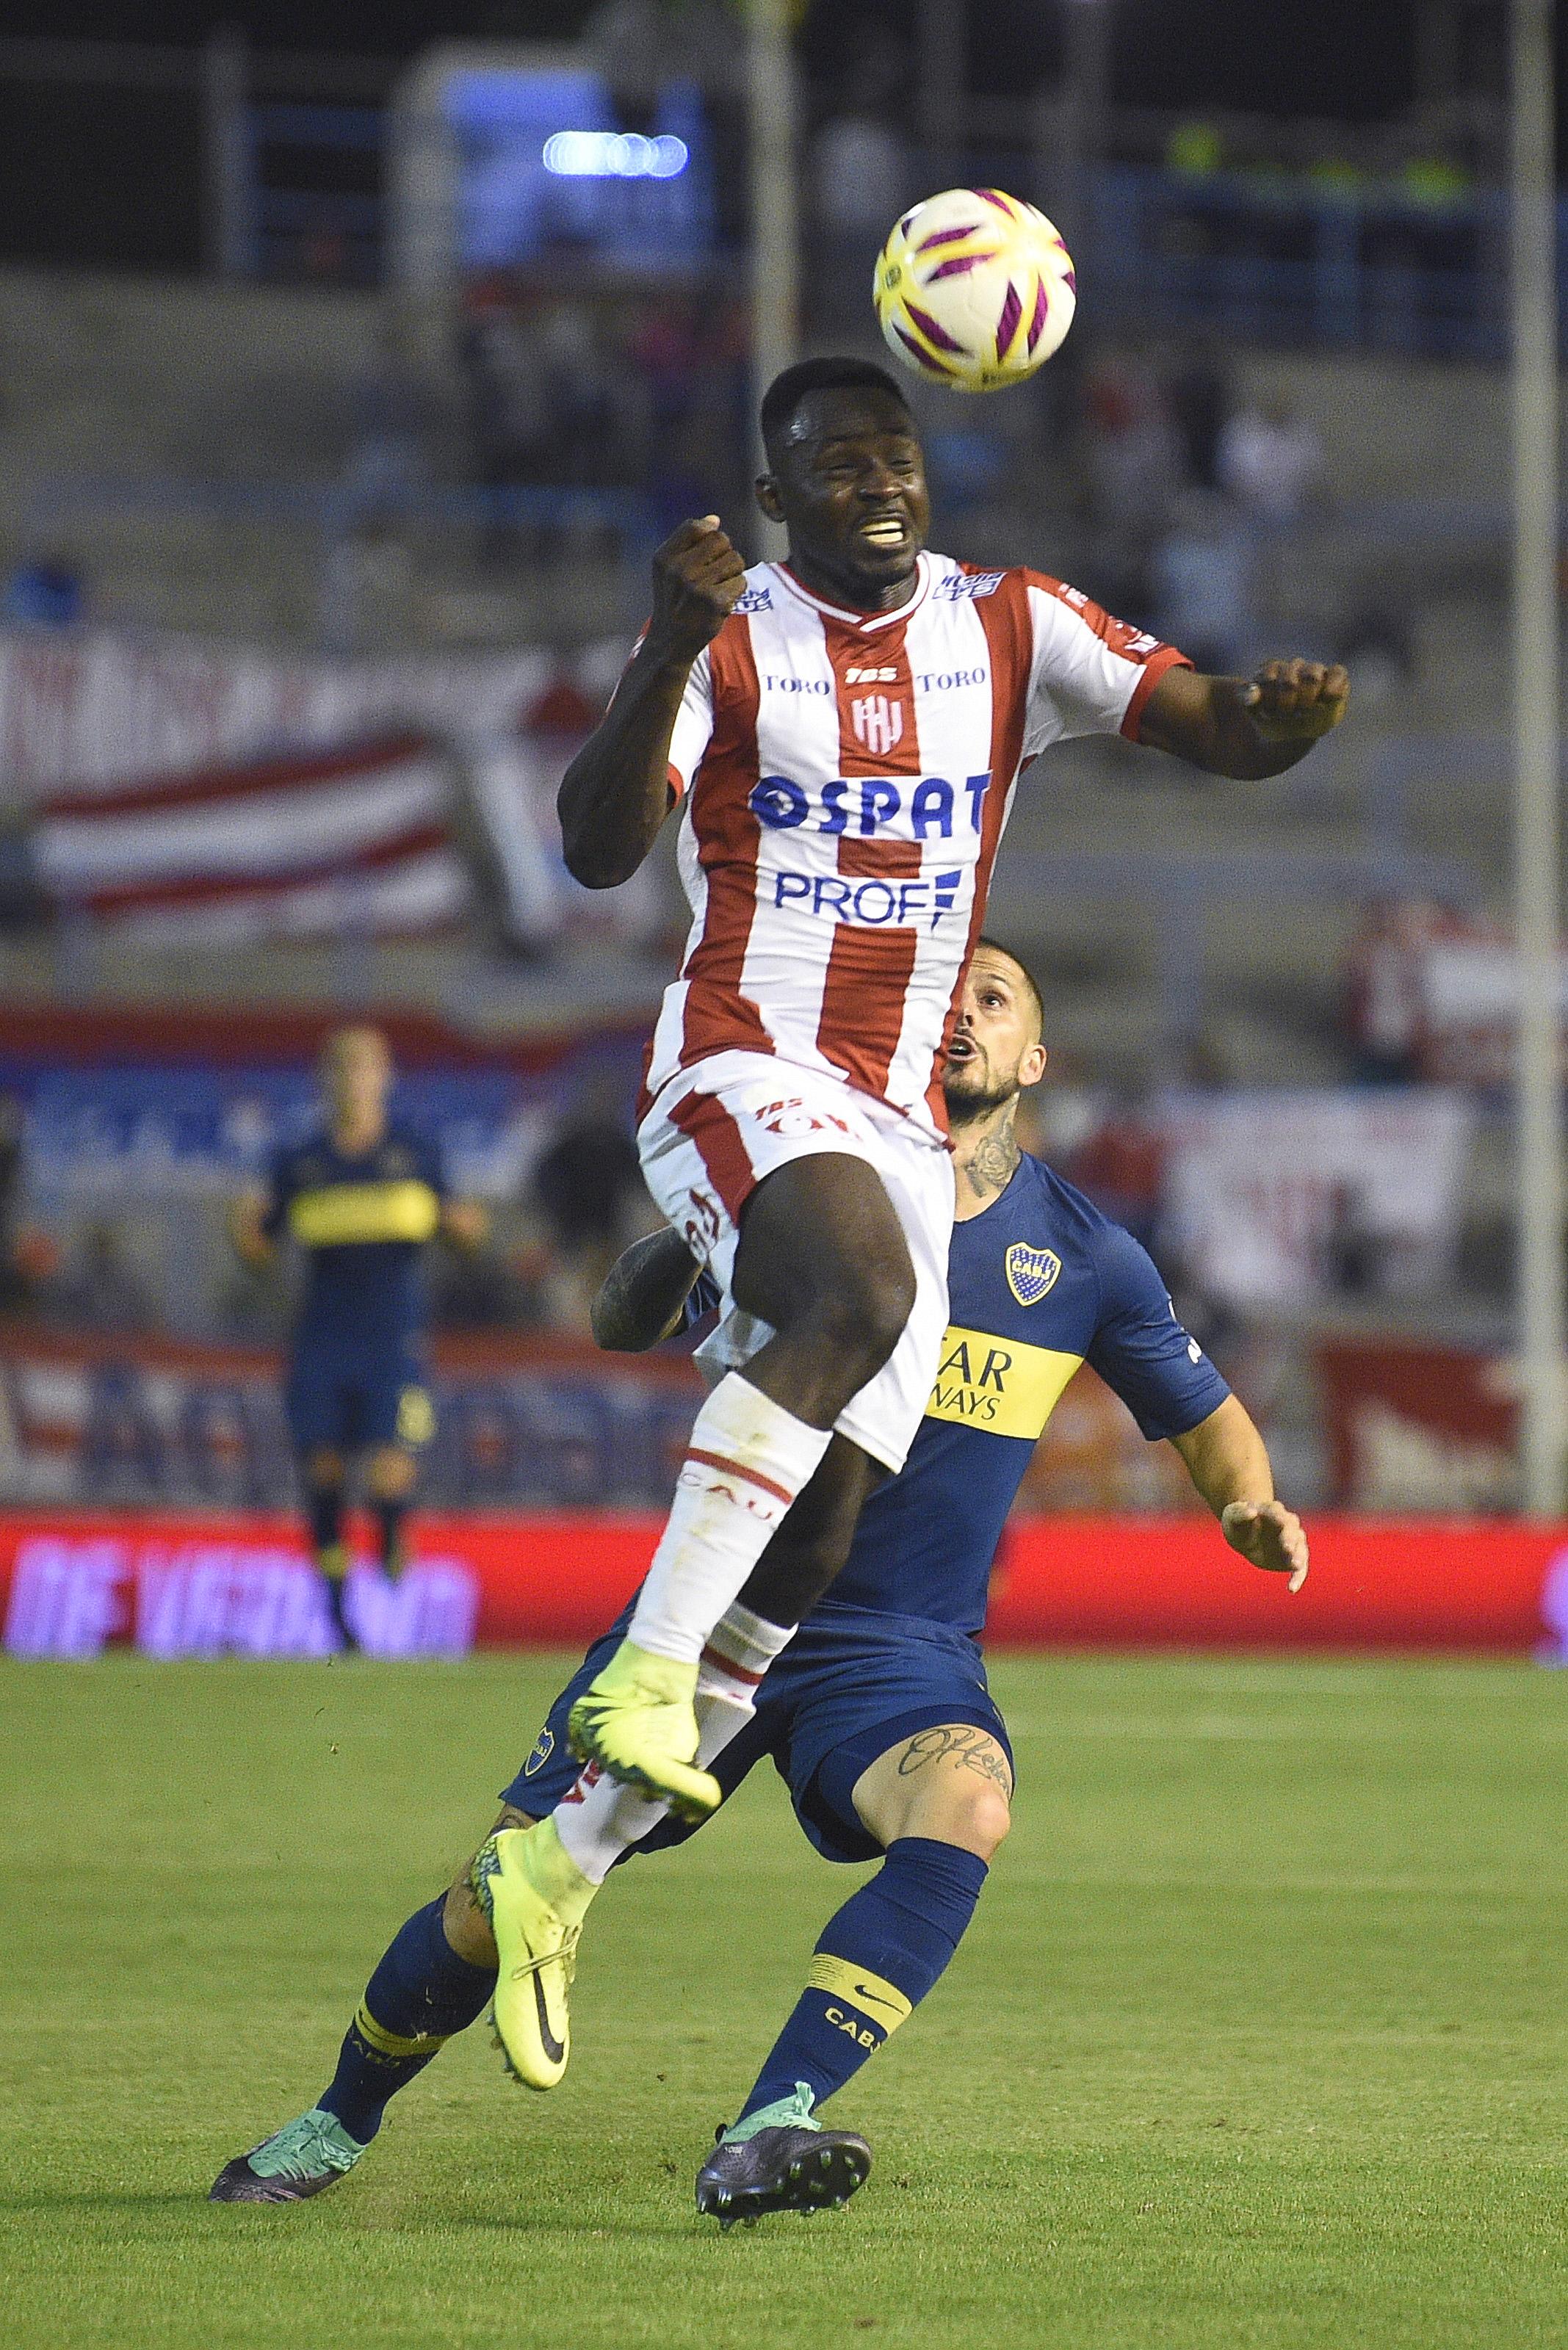 Boca Juniors v Union - Friendly Match